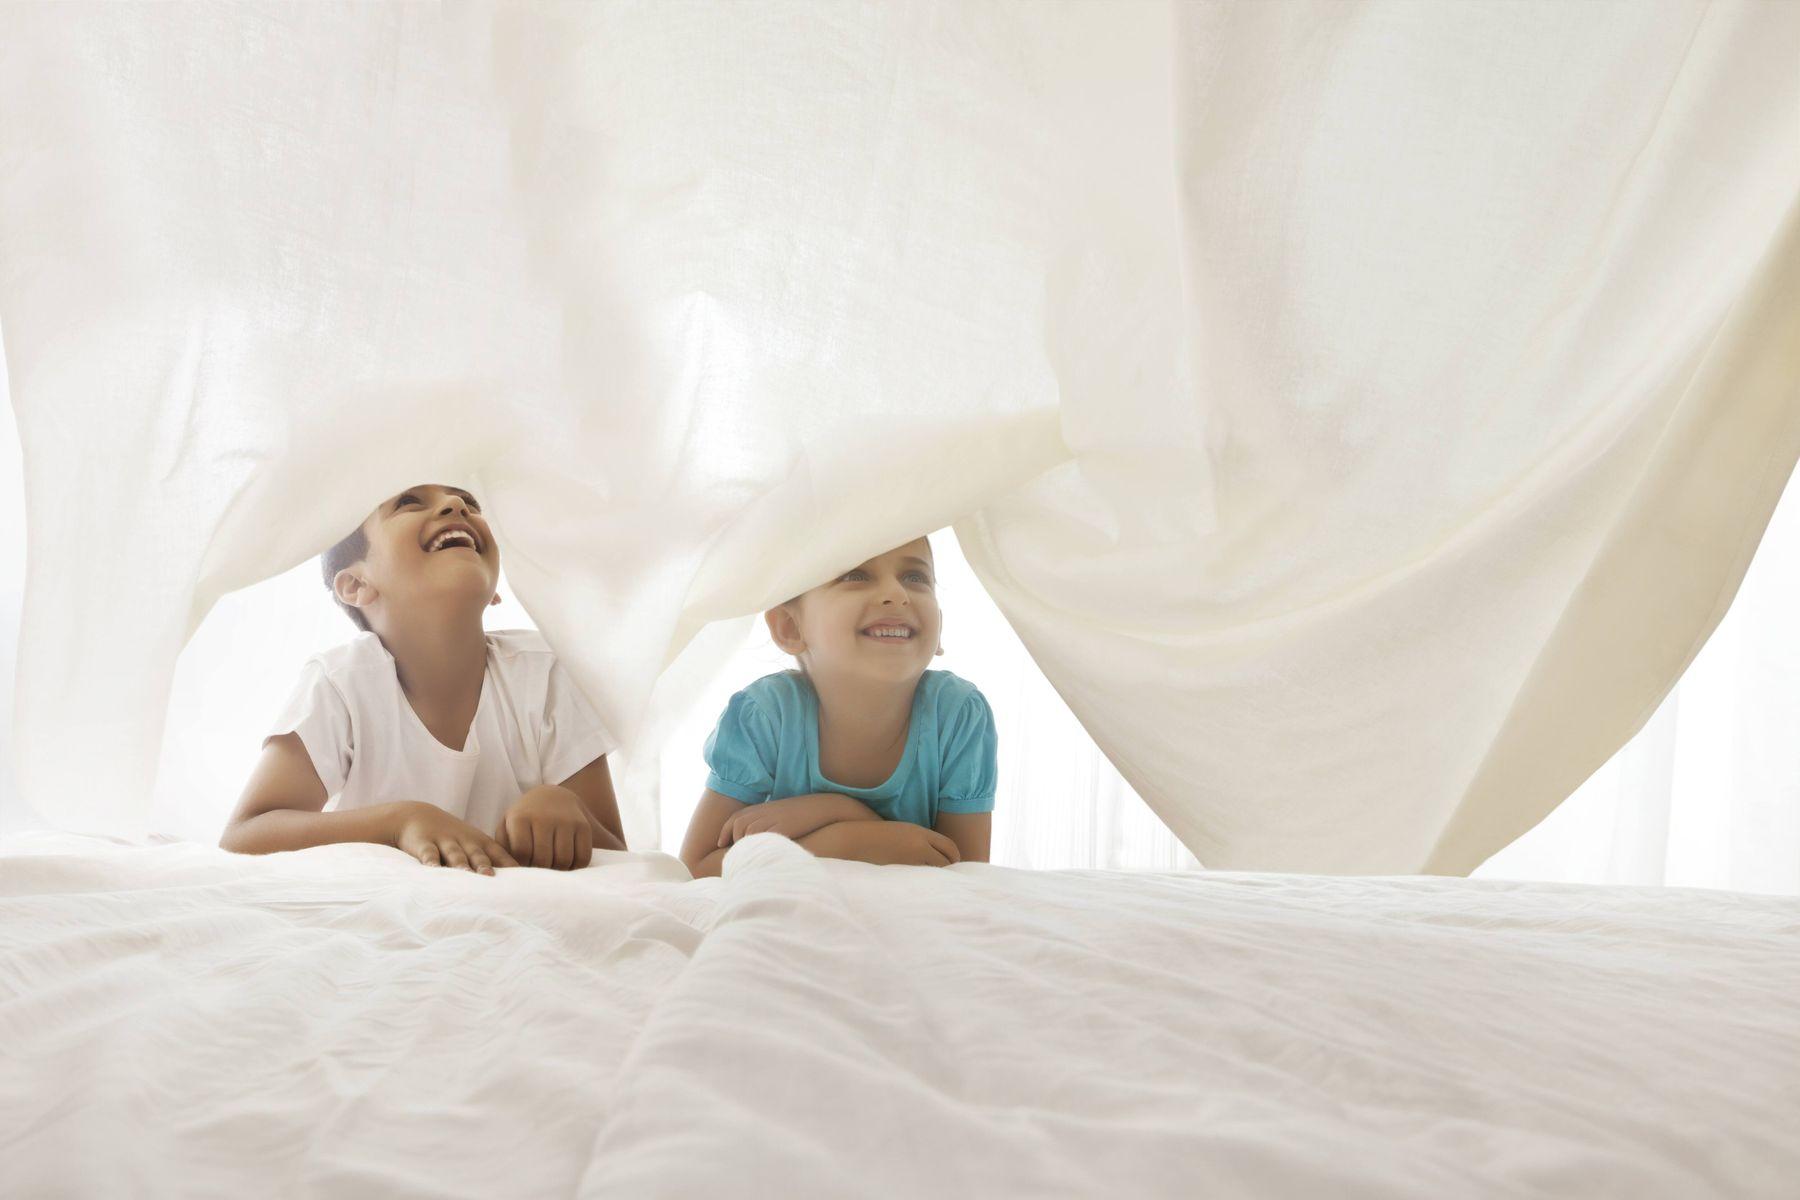 Kinh nghiệm cho các bậc cha mẹ khi thiết kế phòng ngủ cho bé trai